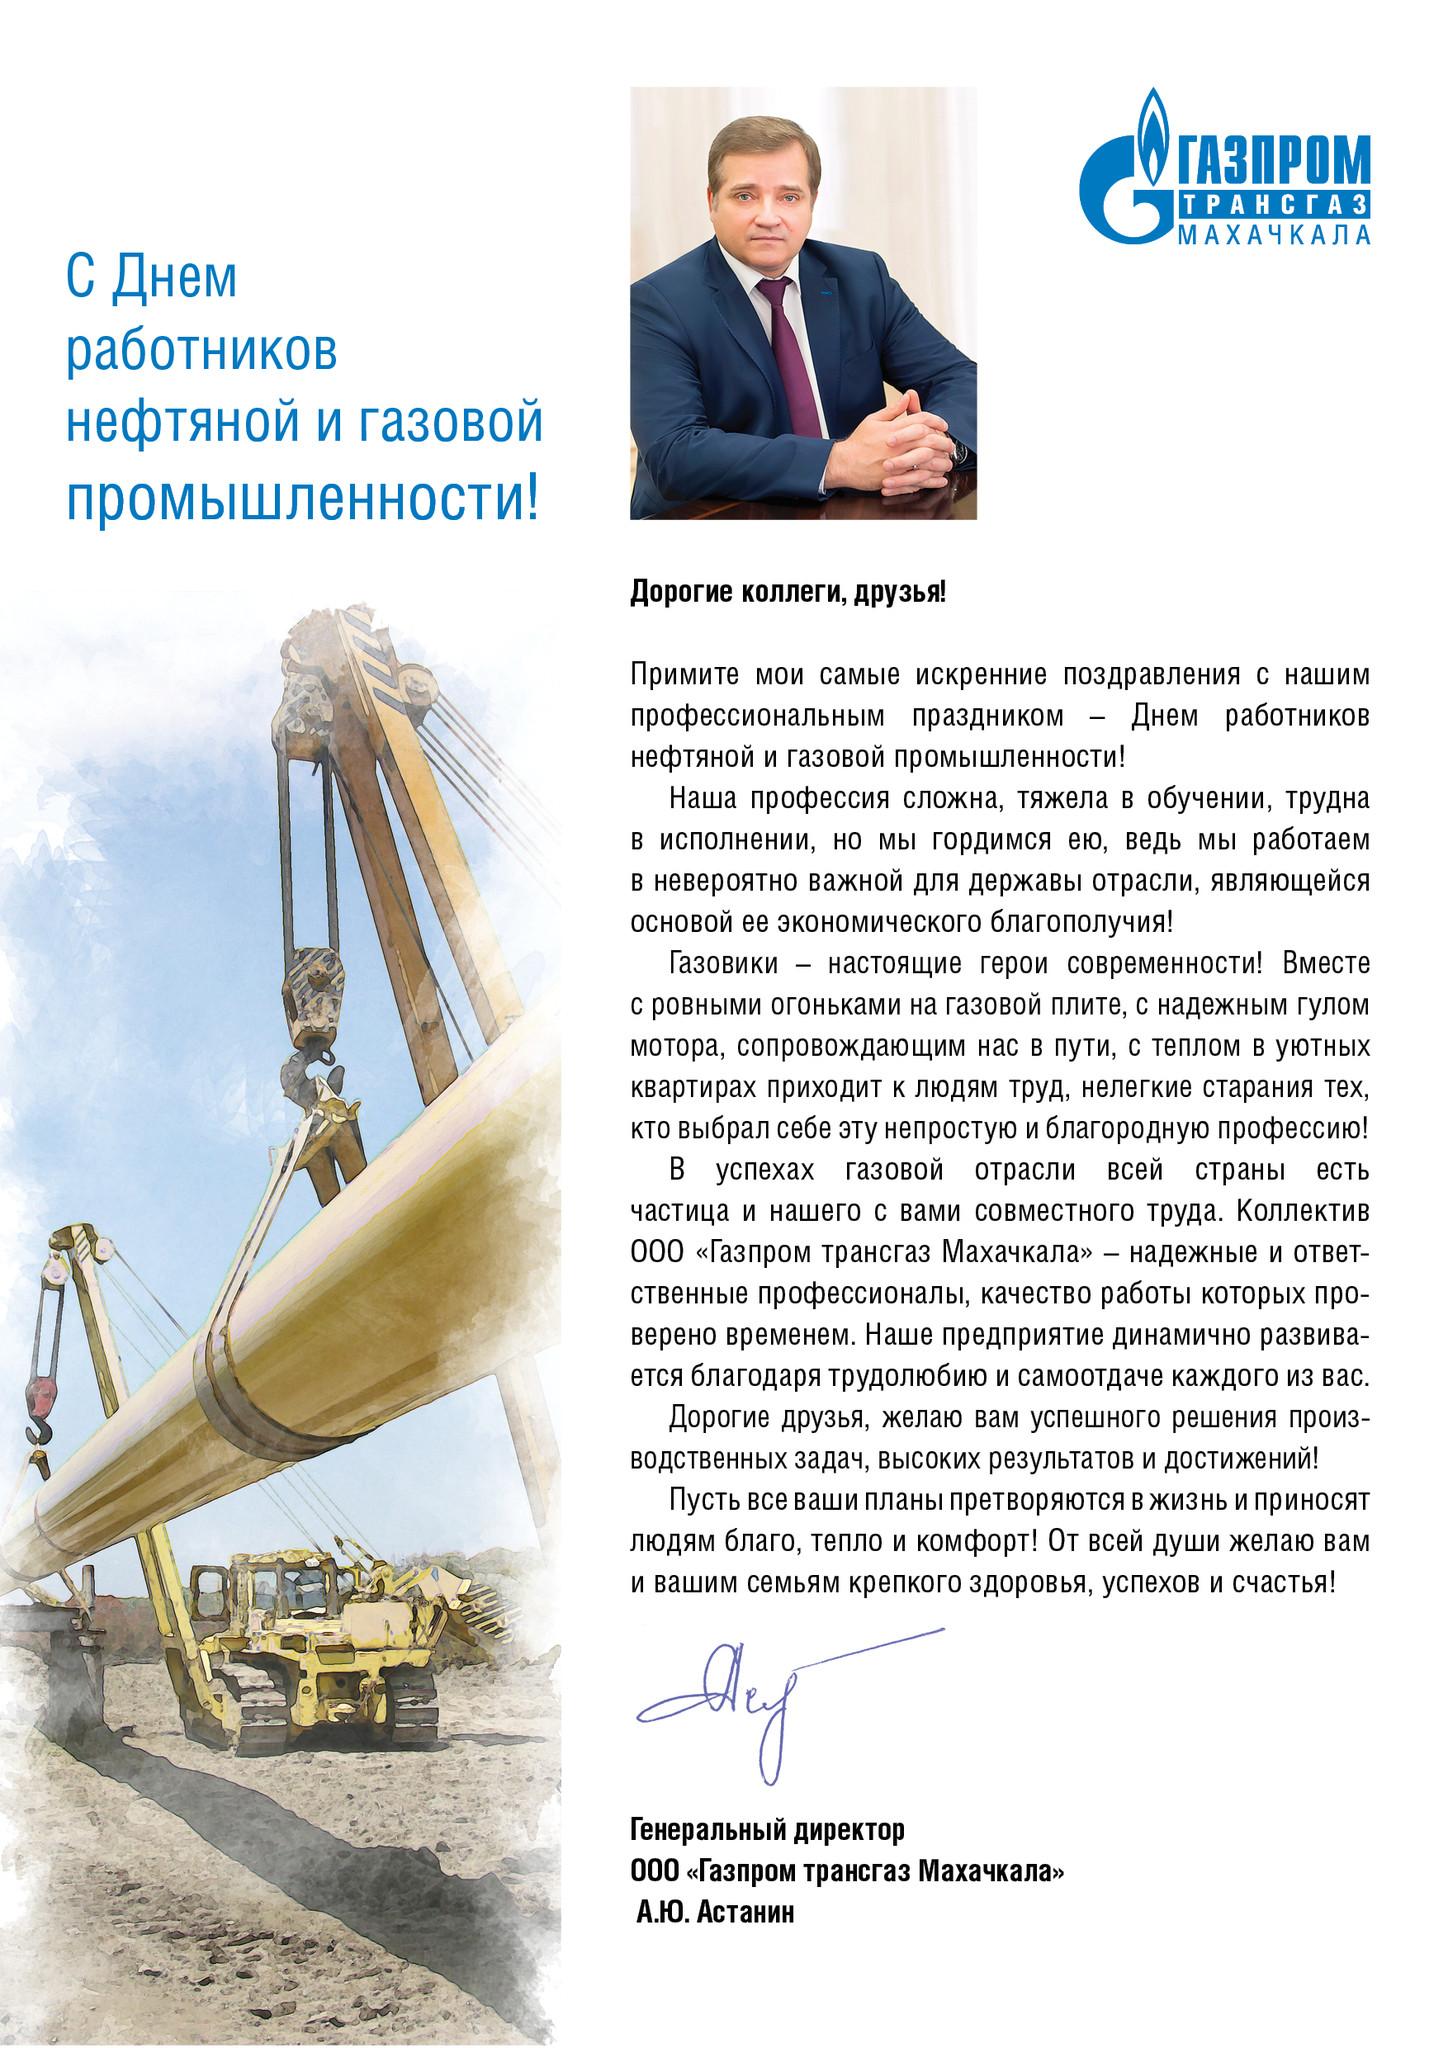 Поздравление с Днем работников нефтяной и газовой промышленности!